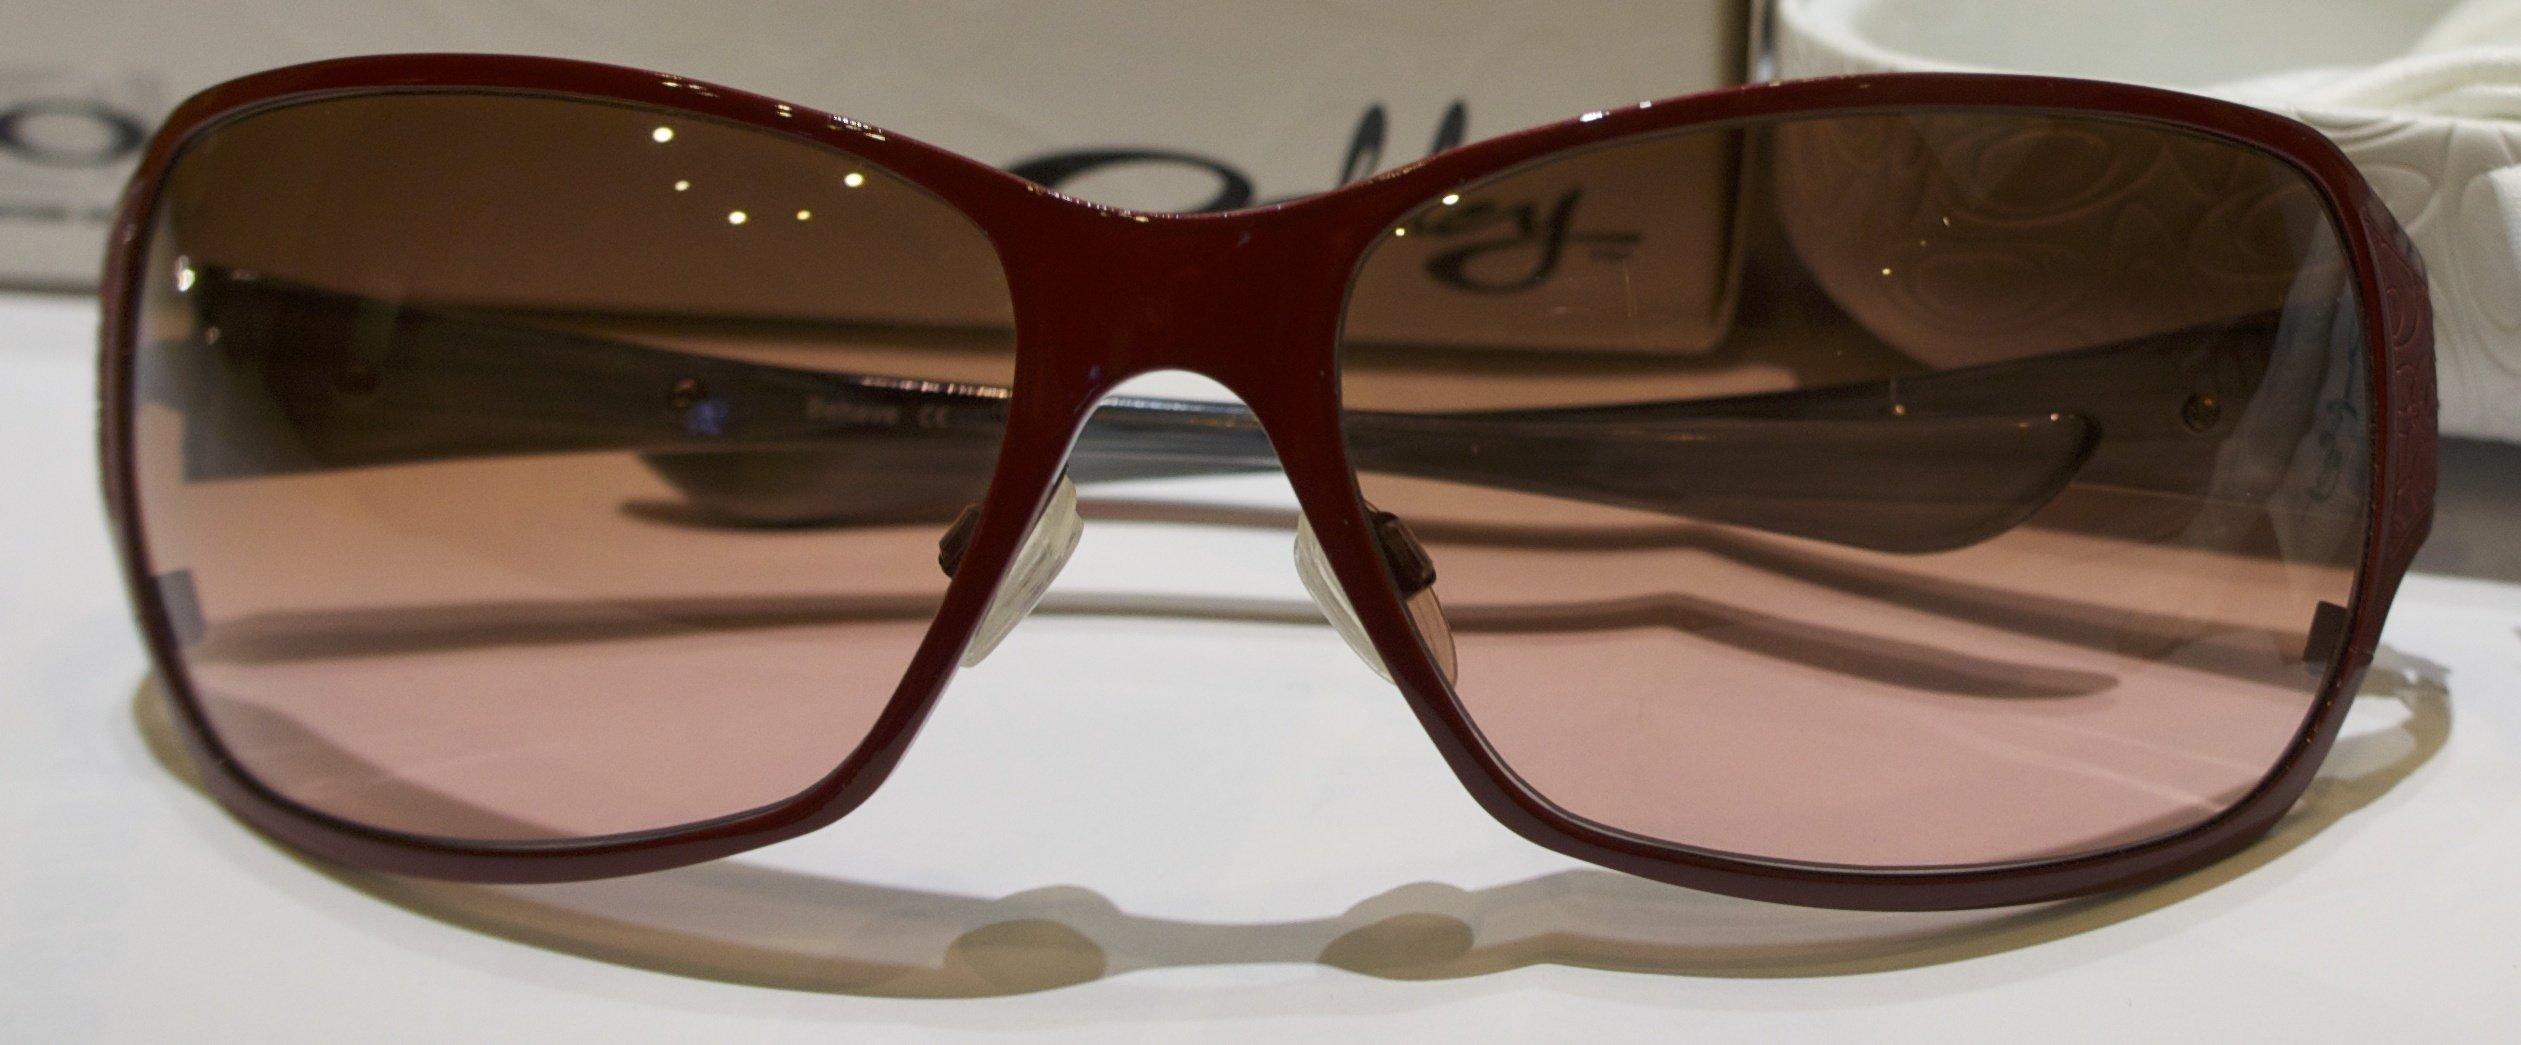 Oakley Behave - Red - G40 Black Gradient (DIFETTATE)